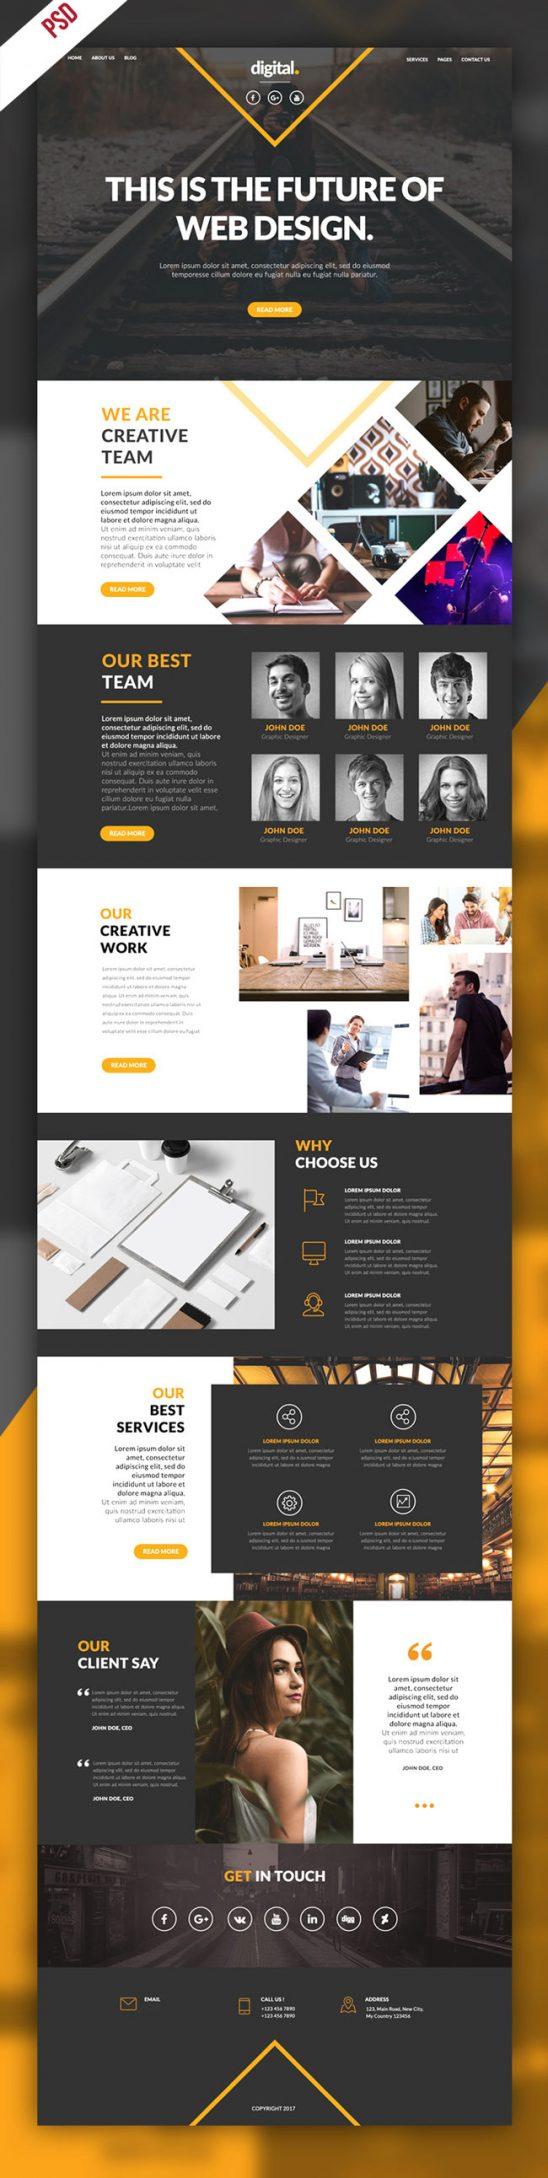 p390 548x2178 - قالب لایه باز وب سایت تک صفحه ای شرکتی بسیار زیبا